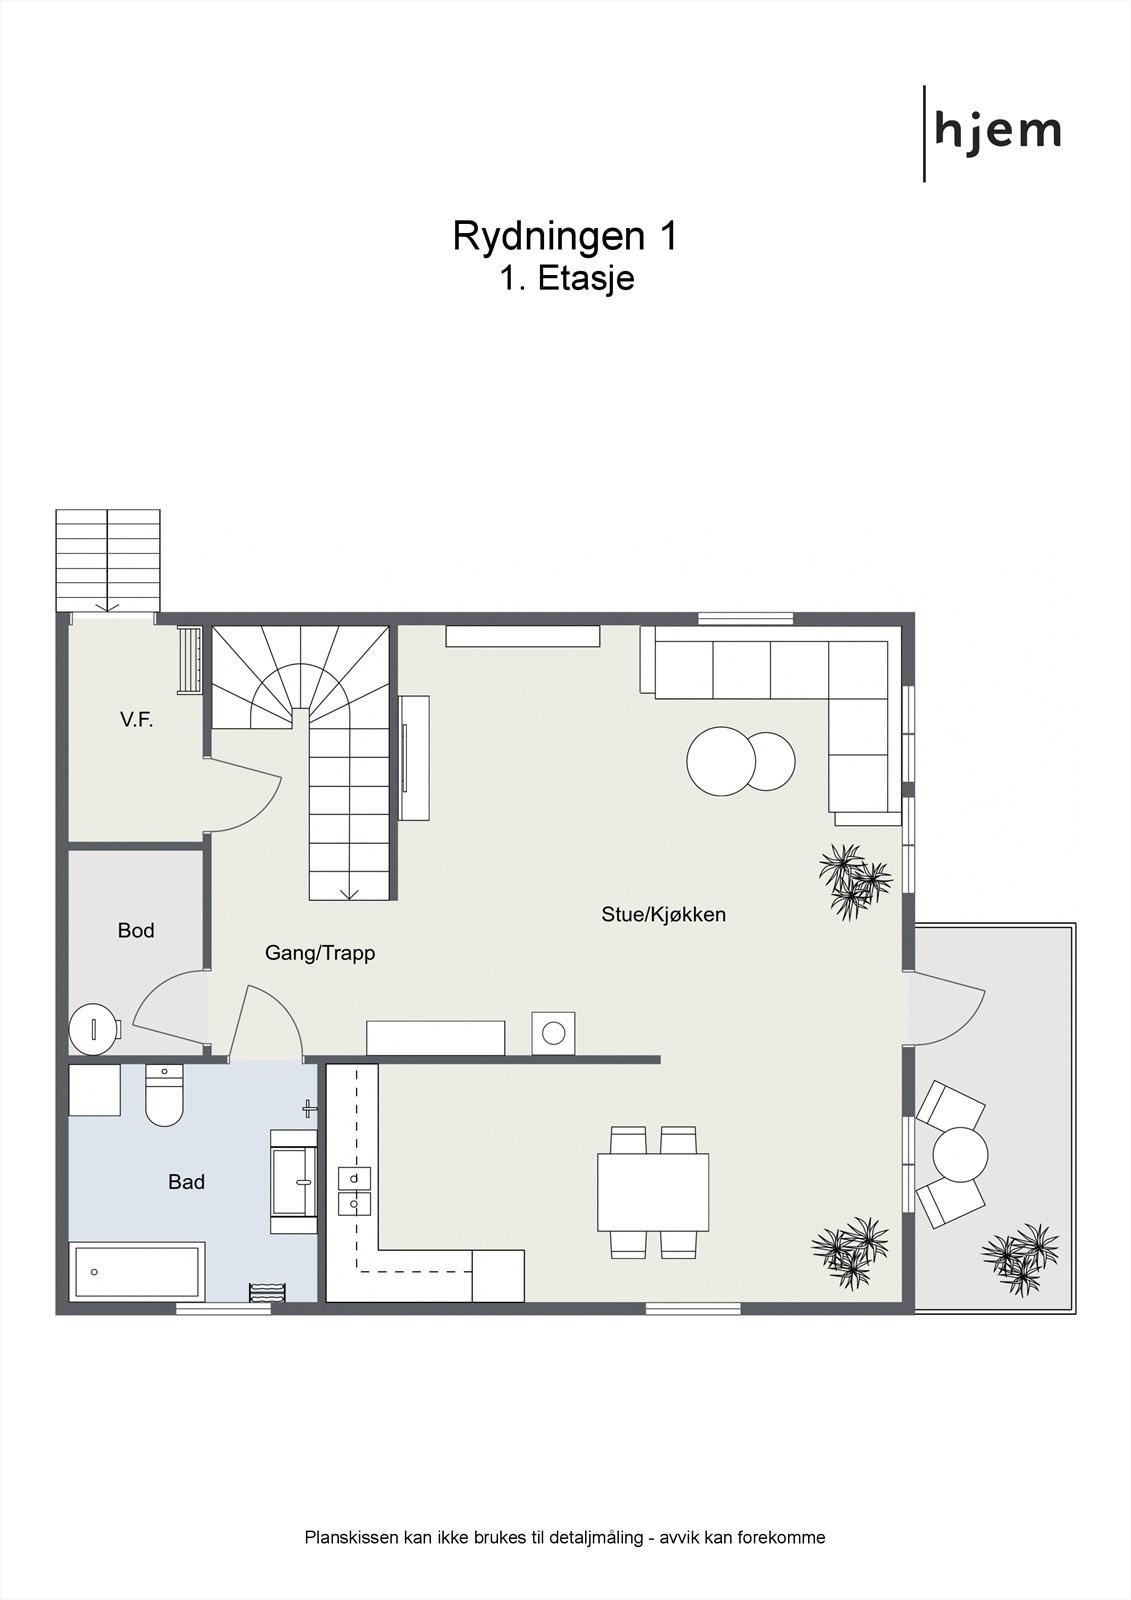 2D planillustrasjon av 1. etasje.